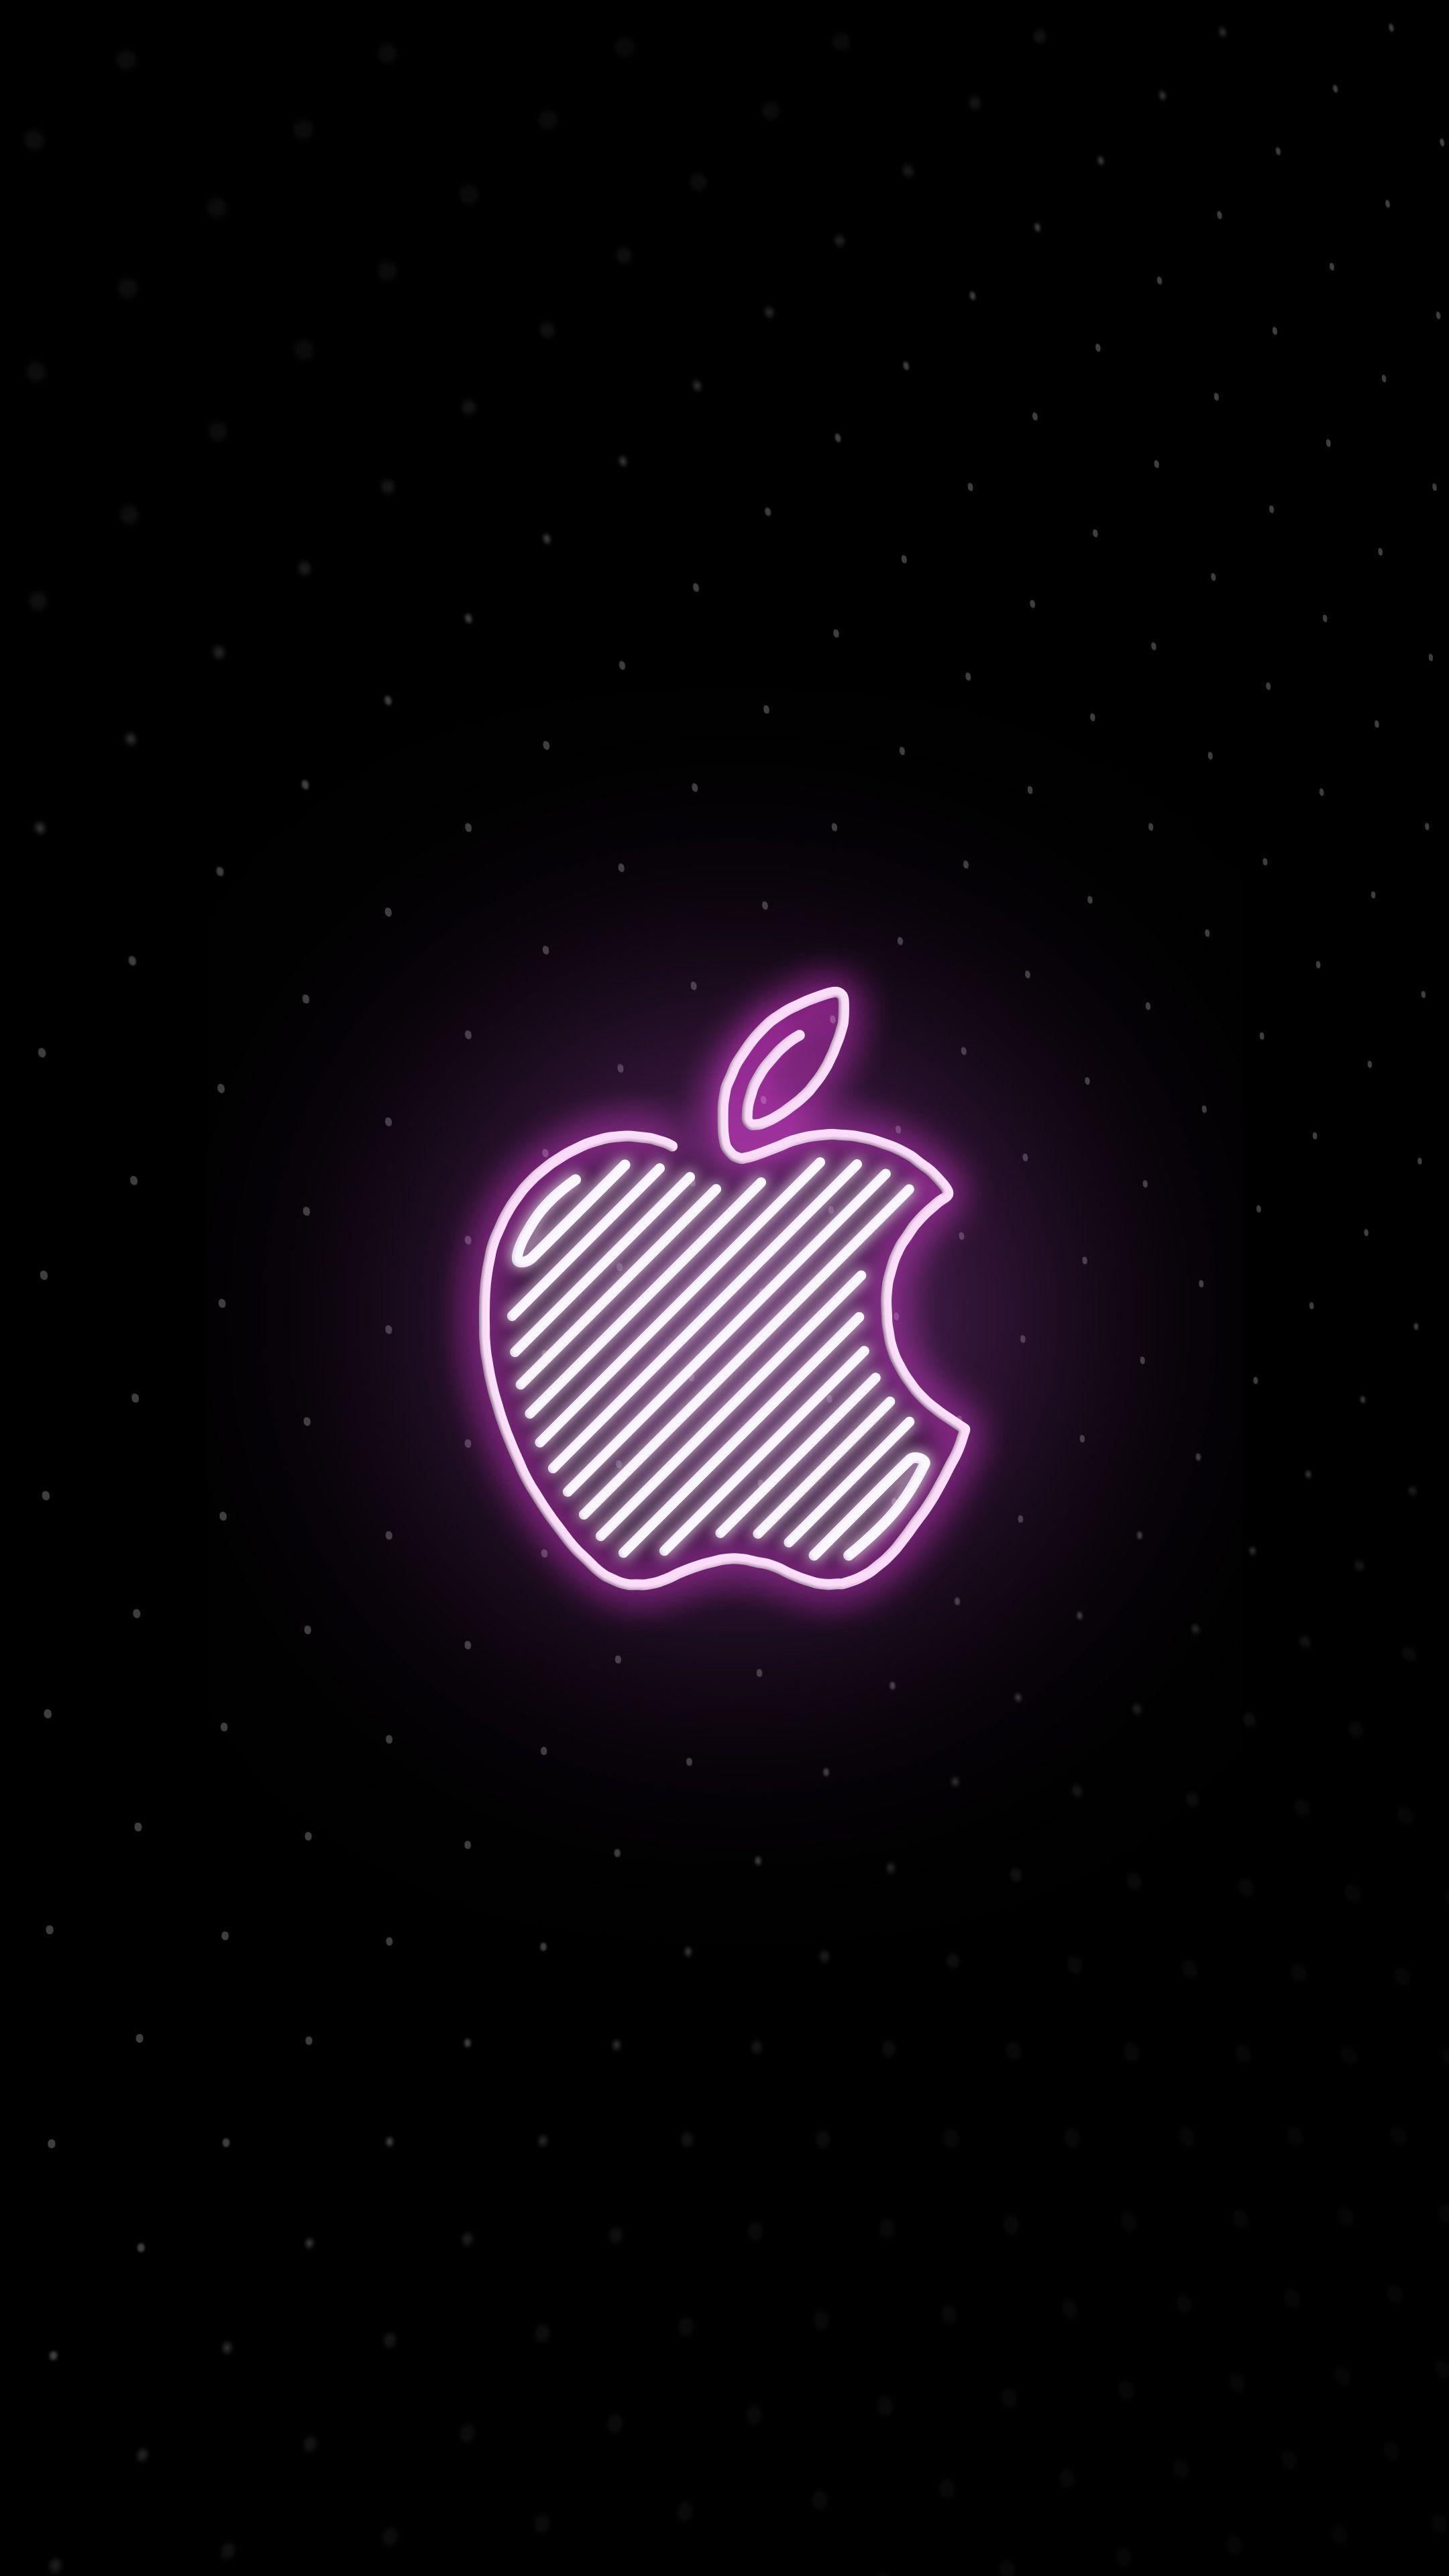 ネオンのアップル シンプルでおしゃれなiphone Xs壁紙 Iphonex スマホ壁紙 待受画像ギャラリー アップルの壁紙 壁紙 Android スマホ壁紙